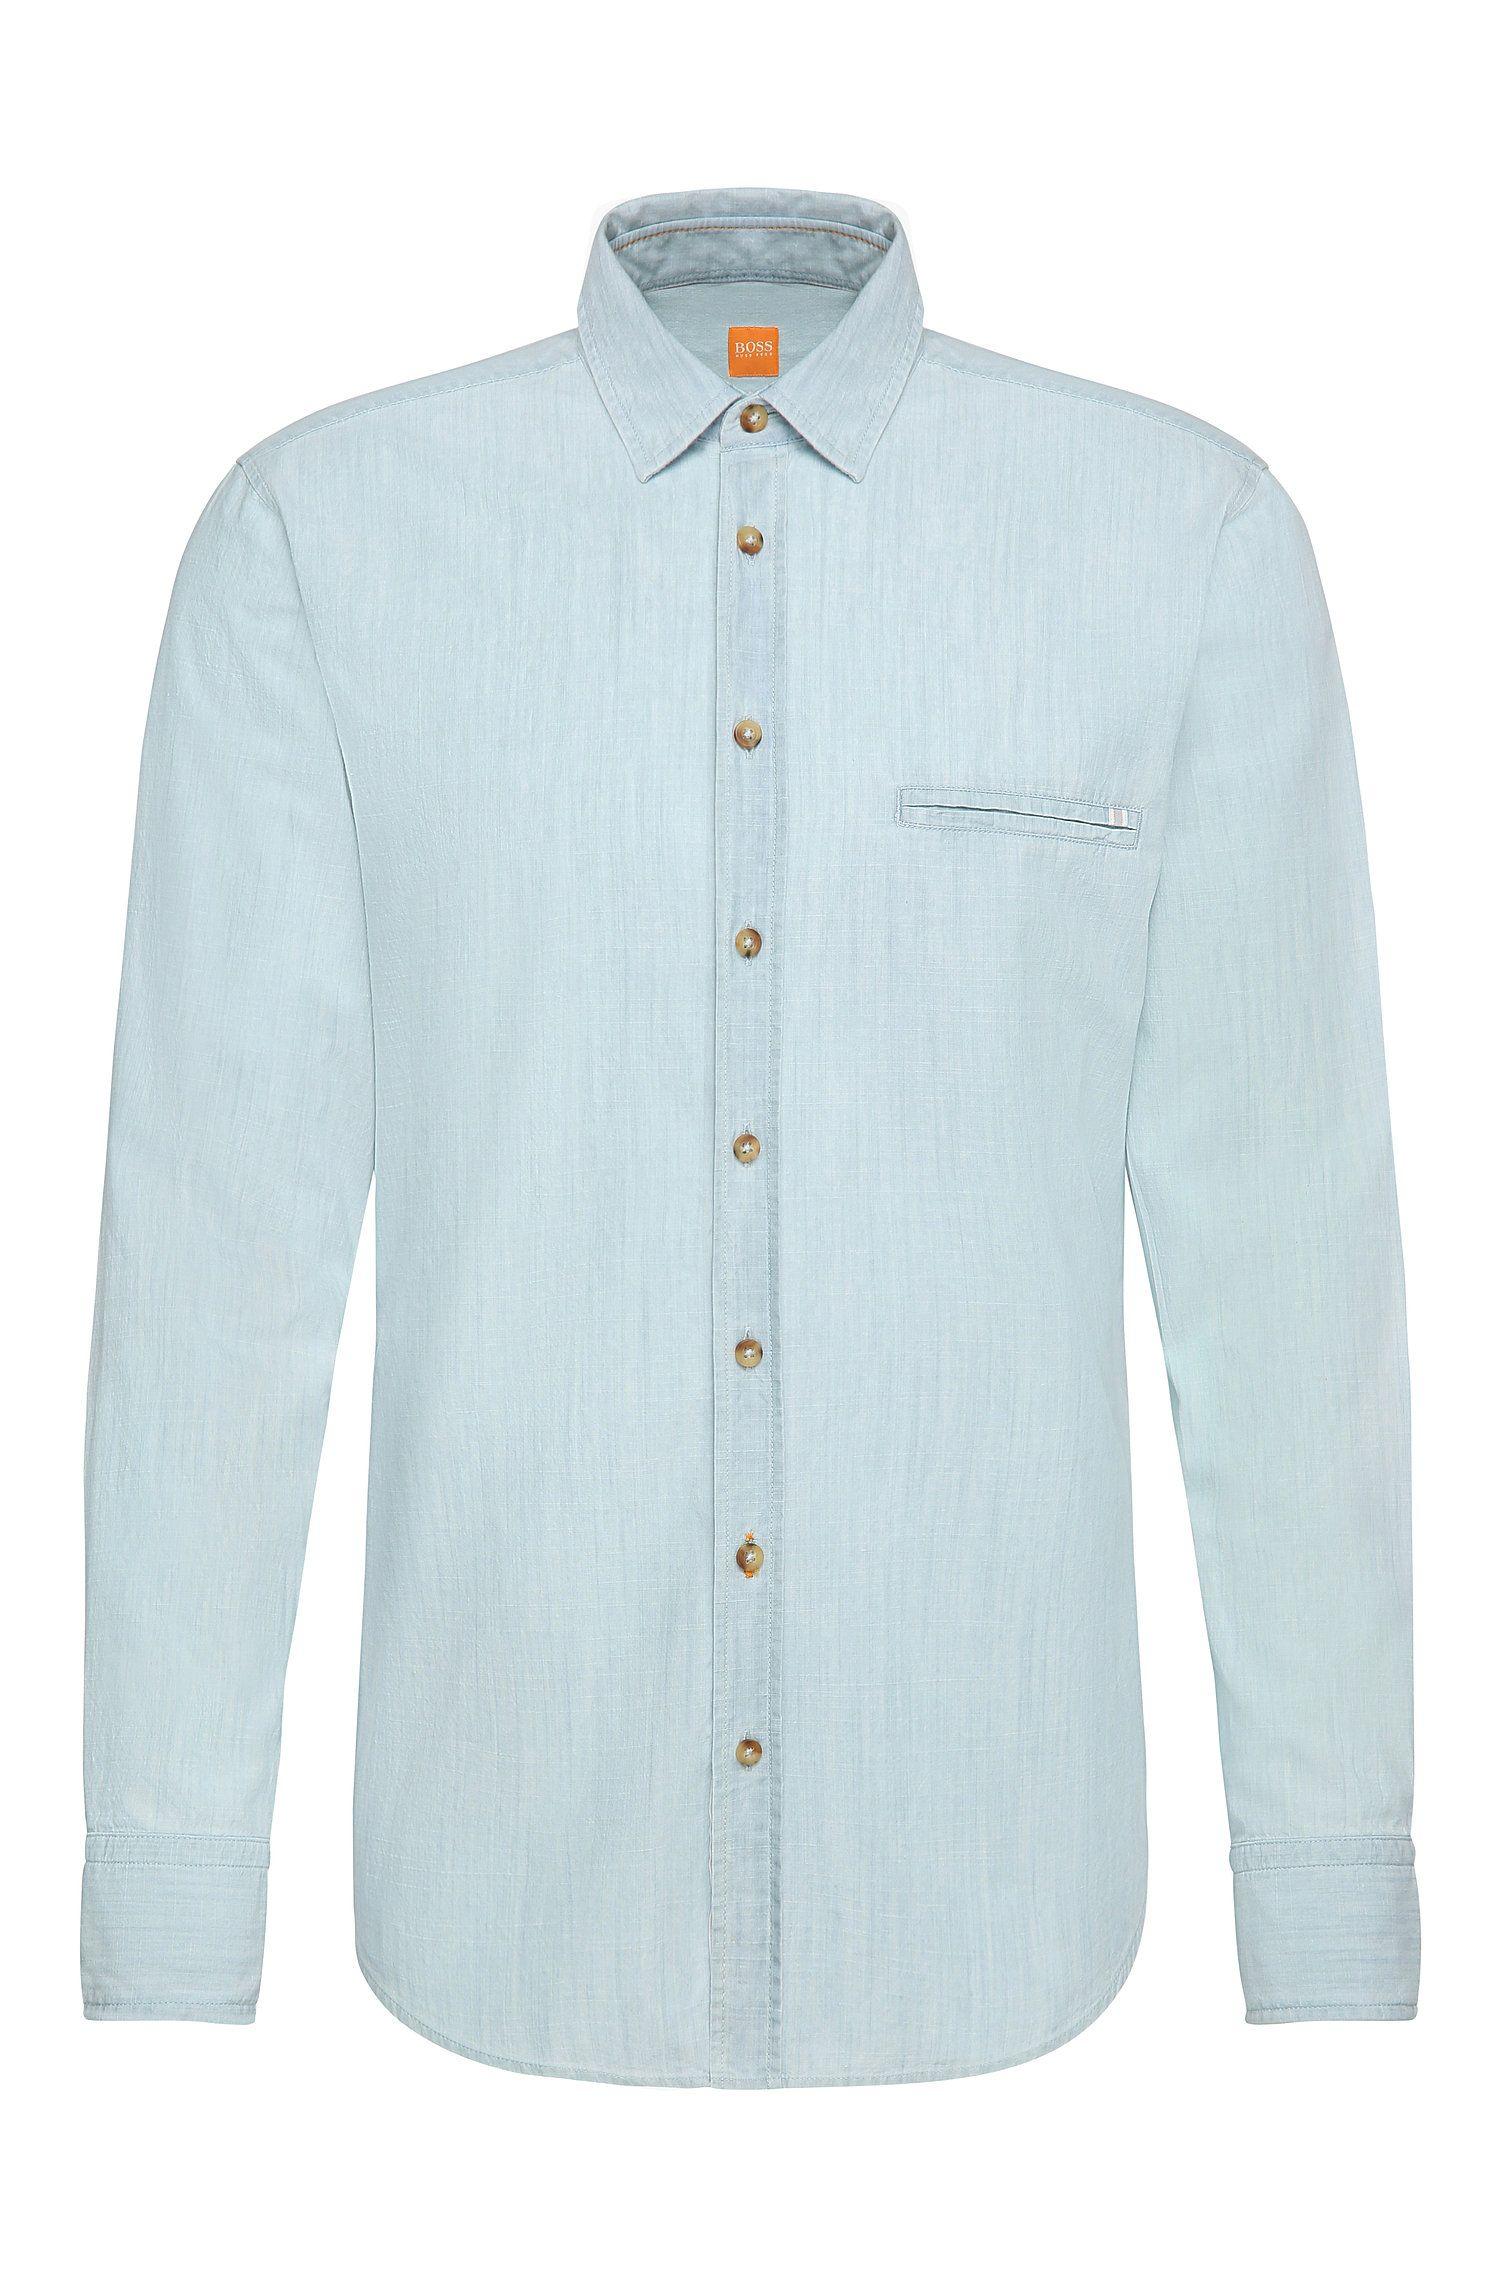 'Elvedge' | Regular Fit, Cotton Denim Button Down Shirt